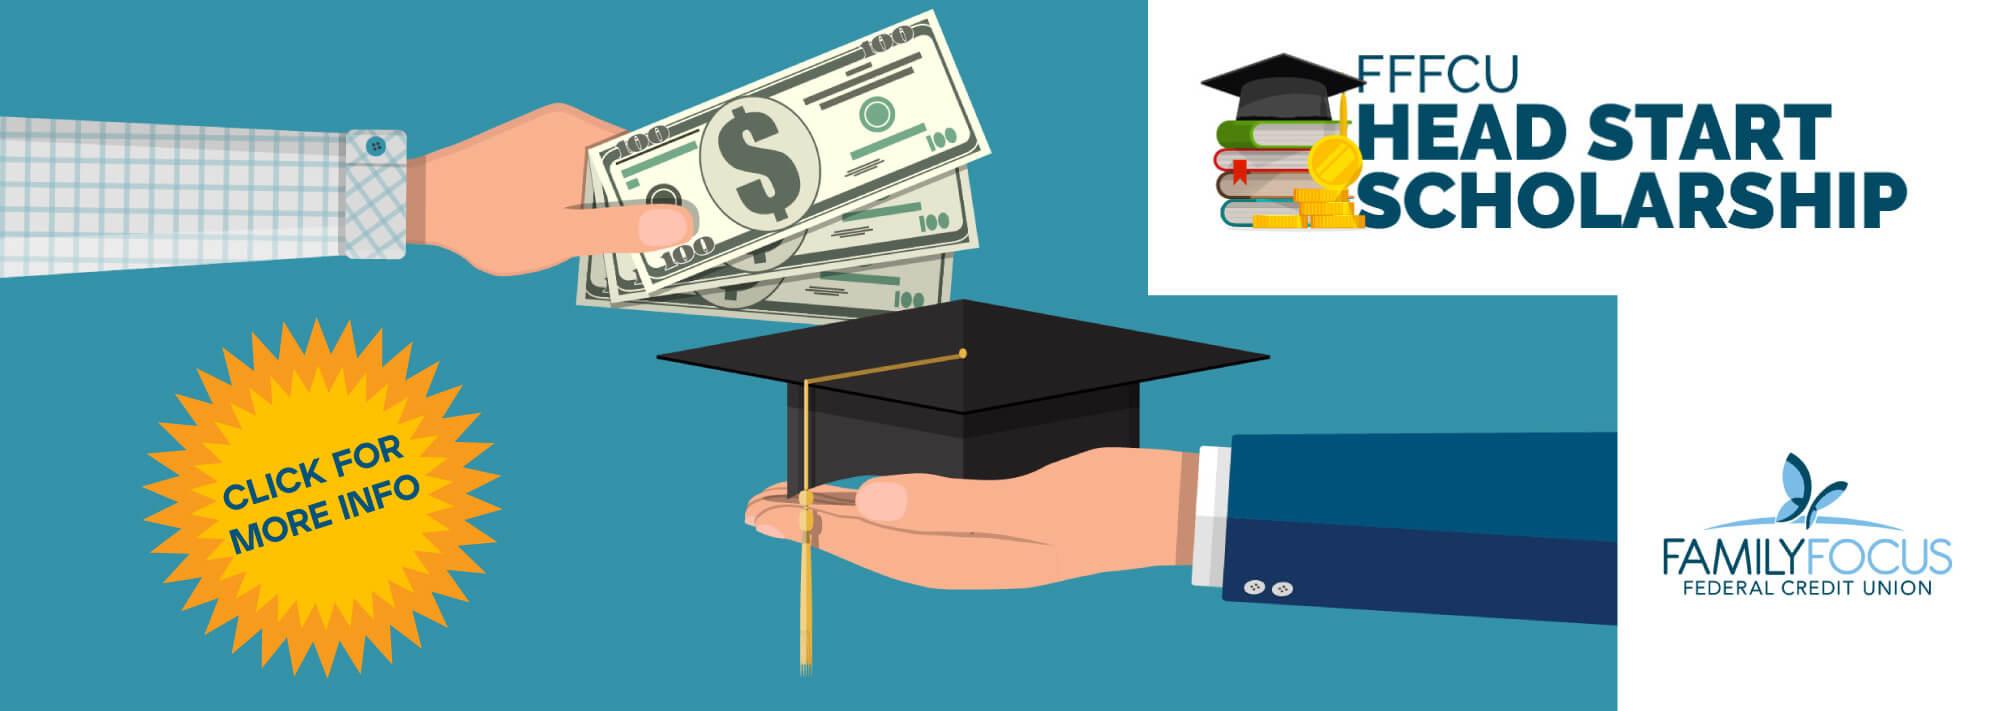 Headstart Scholarship